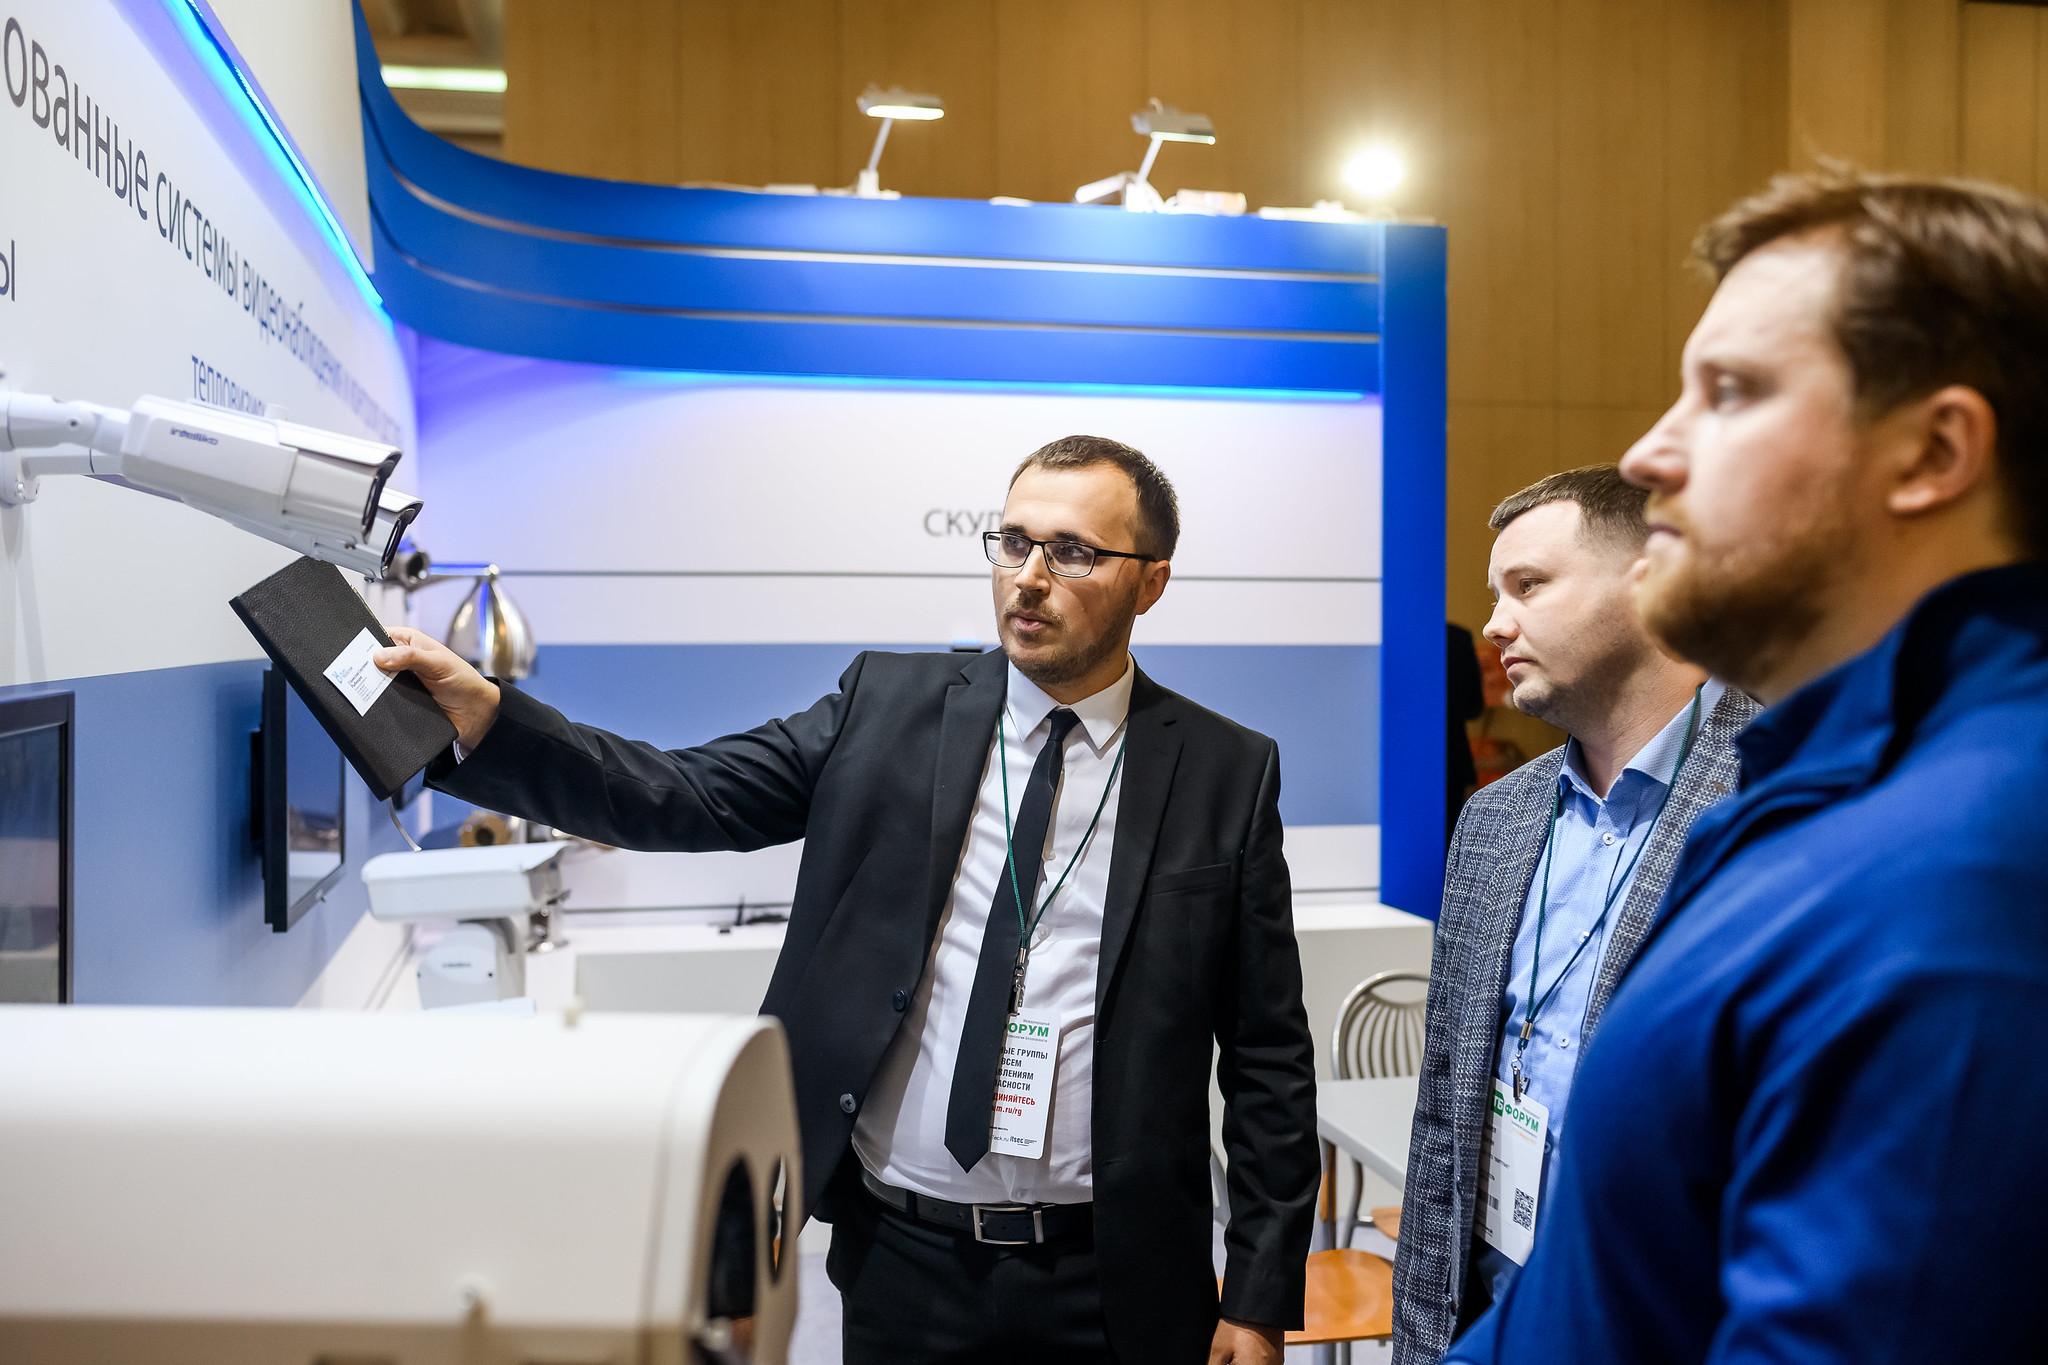 Более 100 млн рублей Роспотребнадзор инвестирует в капитальный ремонт системы видеонаблюдения новосибирского